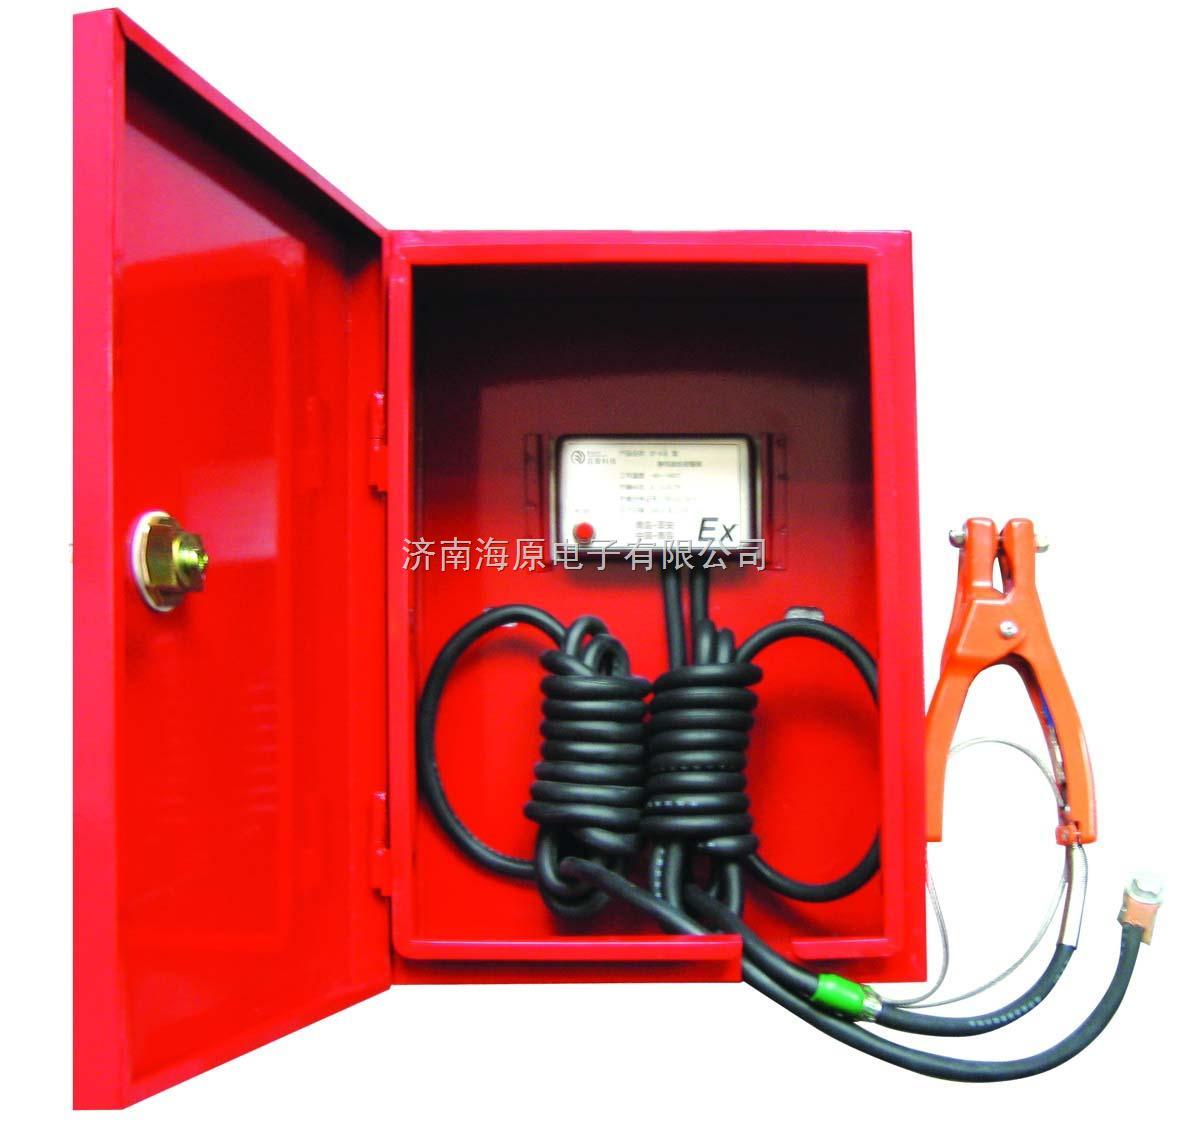 宜设置能检测跨接线及监视接地装置状态的静电接地仪